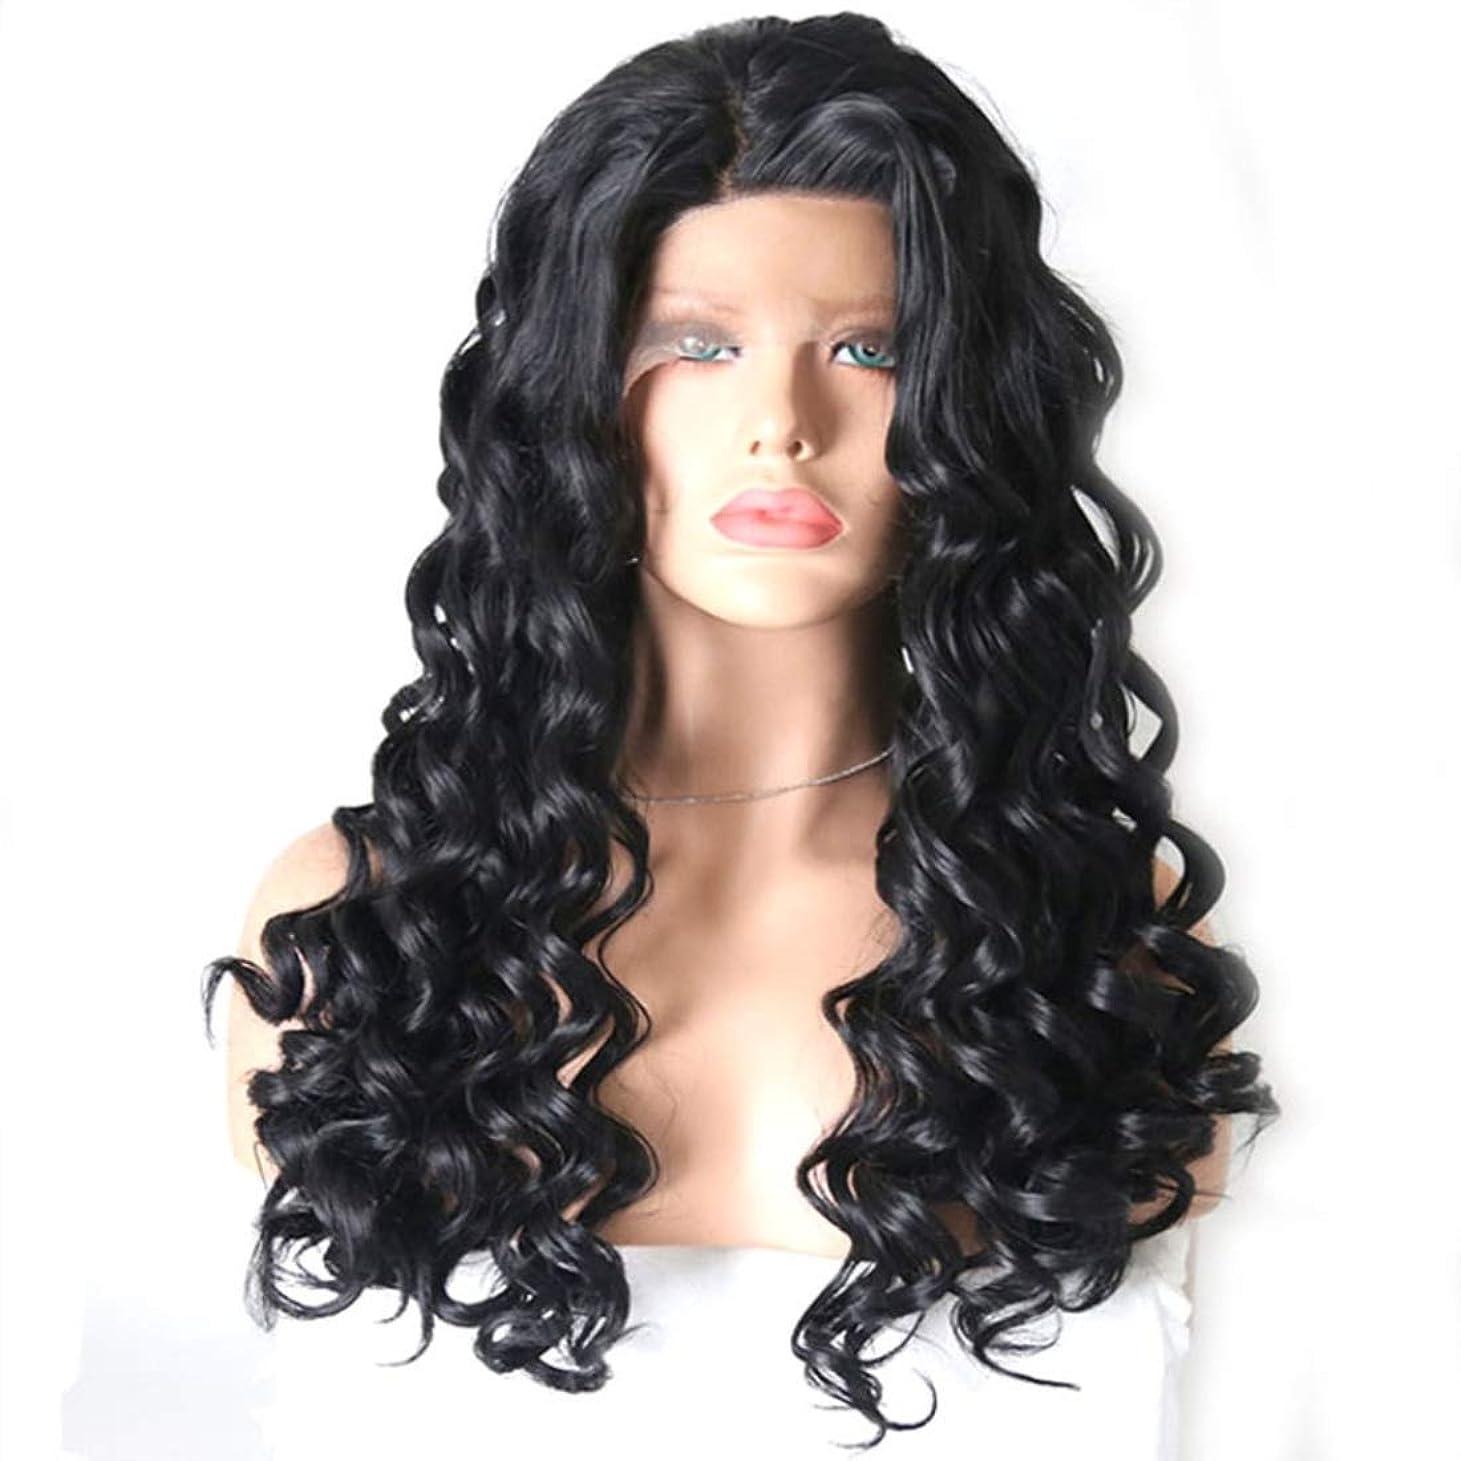 キャプションガウンフィクションSummerys 黒い巻き毛のかつらフロントレースを持つ女性のための長い巻き毛 (Color : Black, Size : 20 inches)